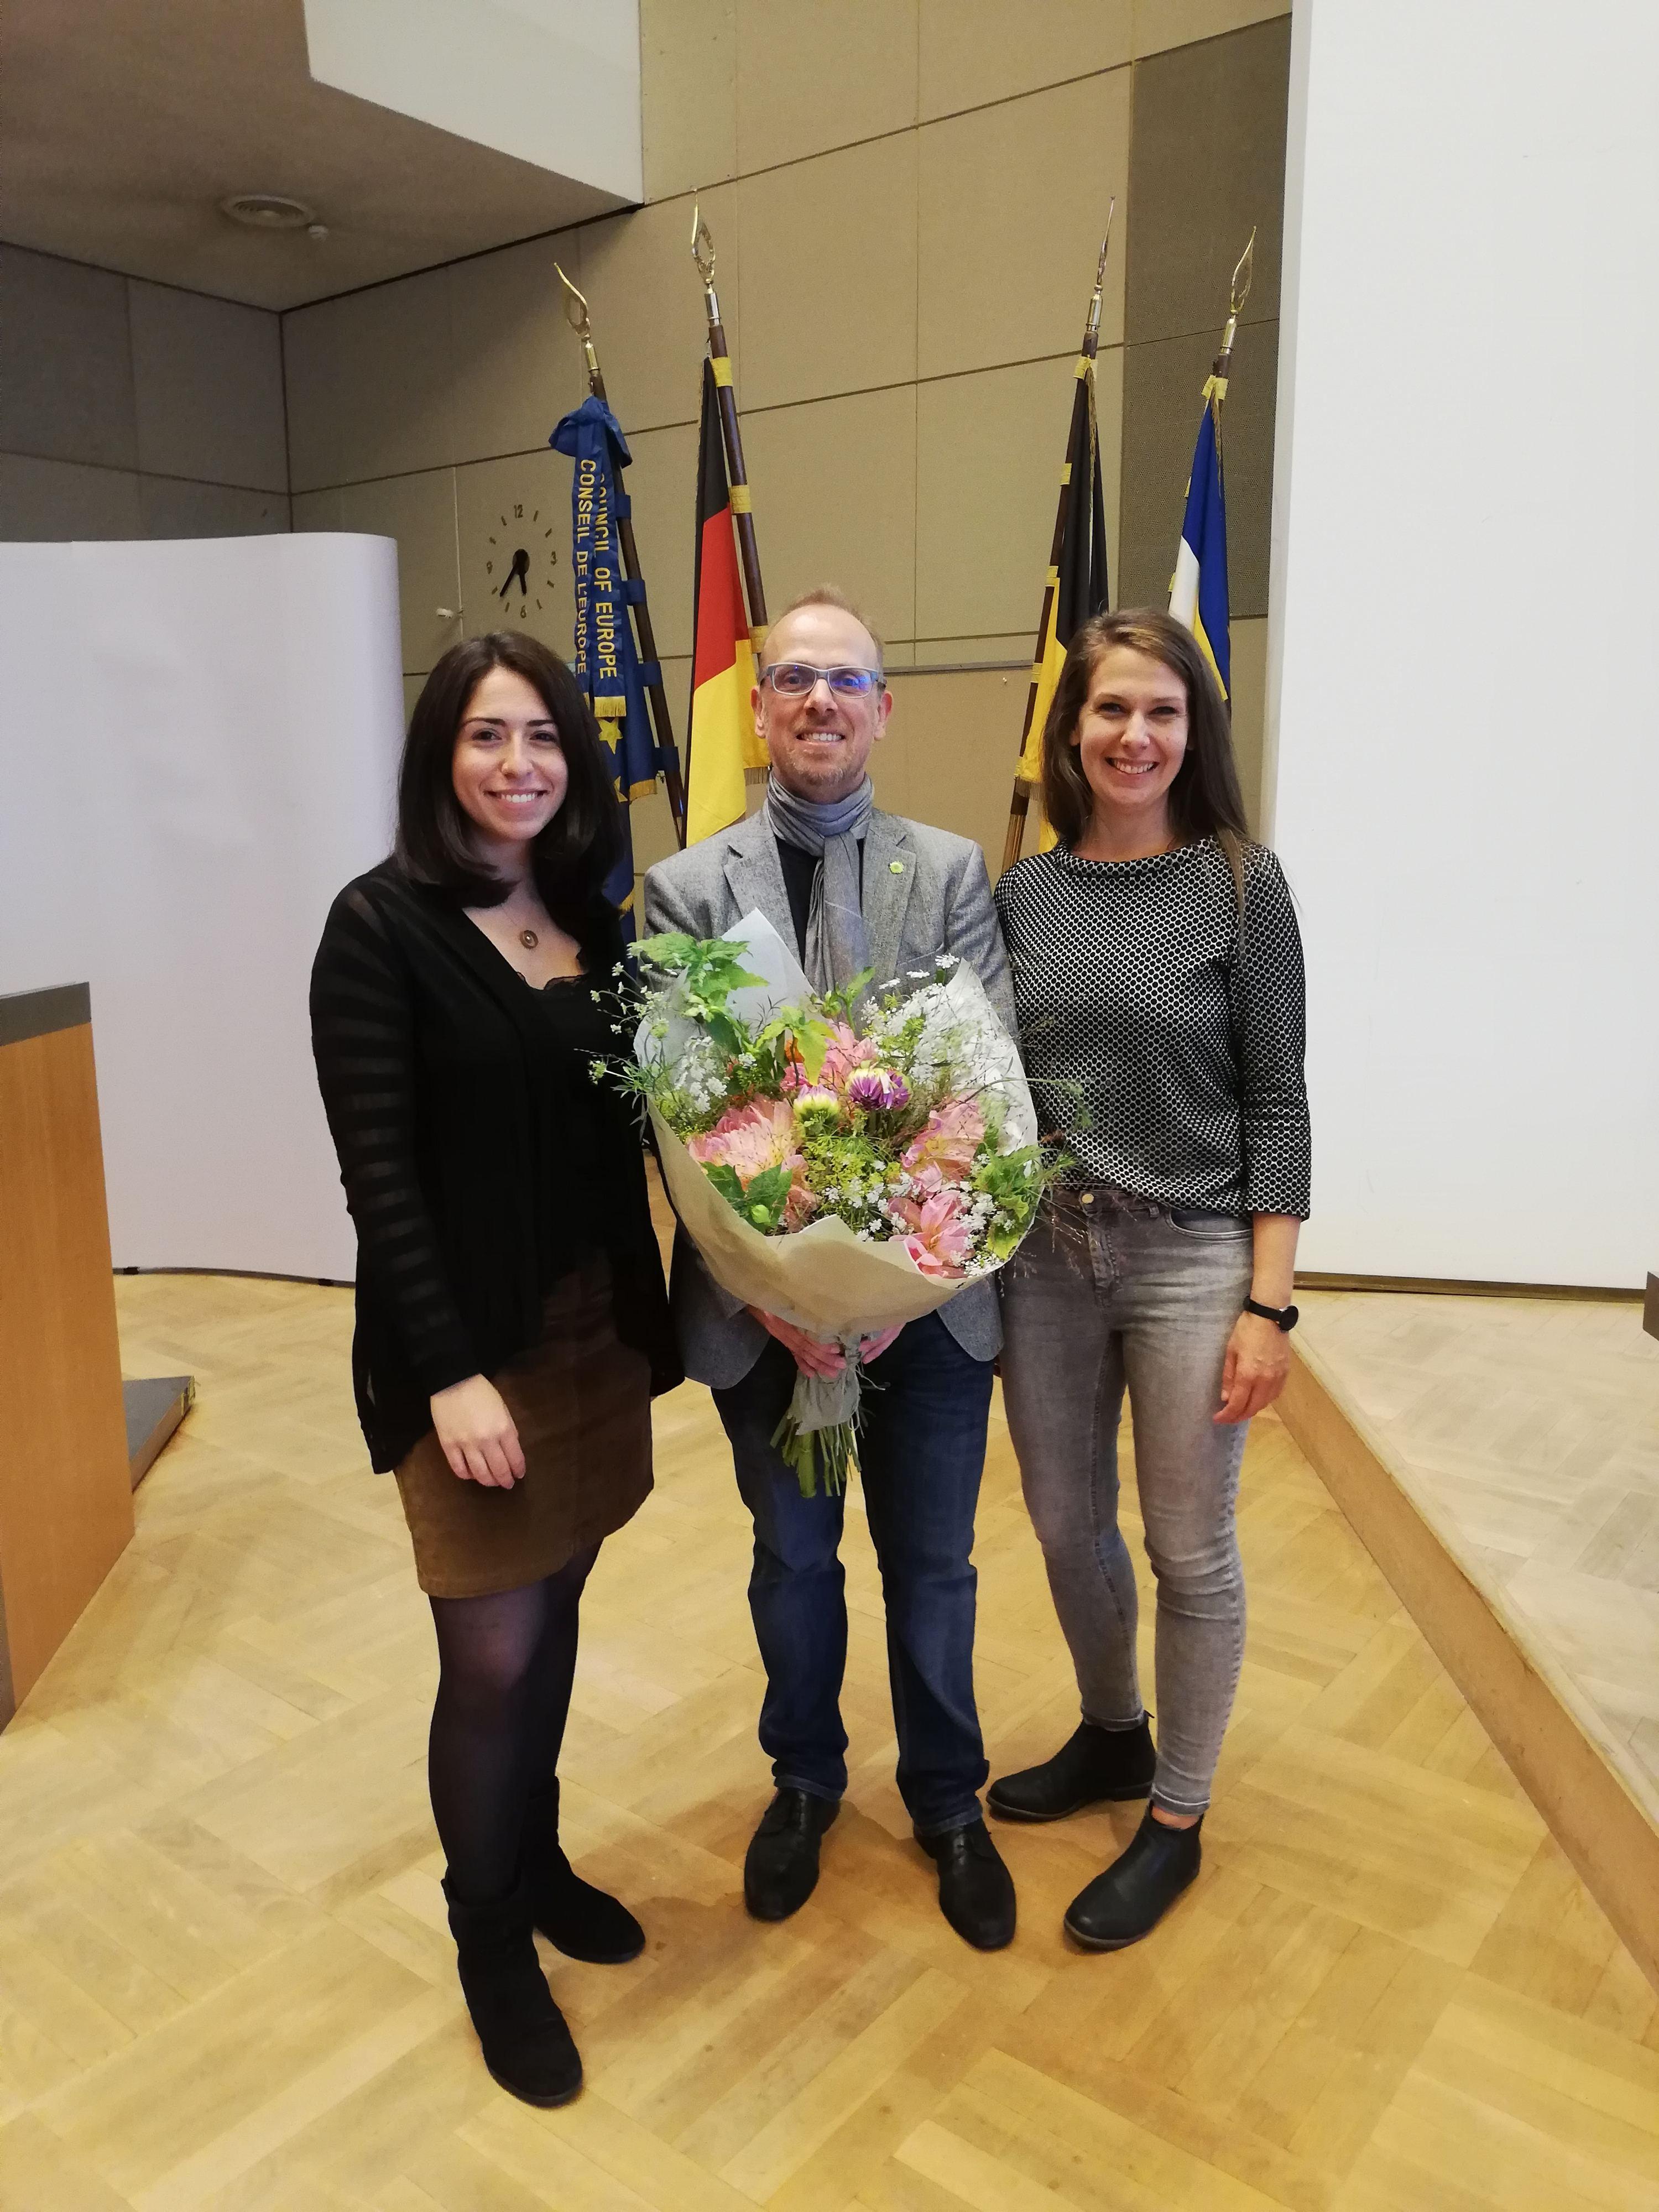 von links nach rechts: Melis Sekmen, Dirk Grunert und Stefanie Hess